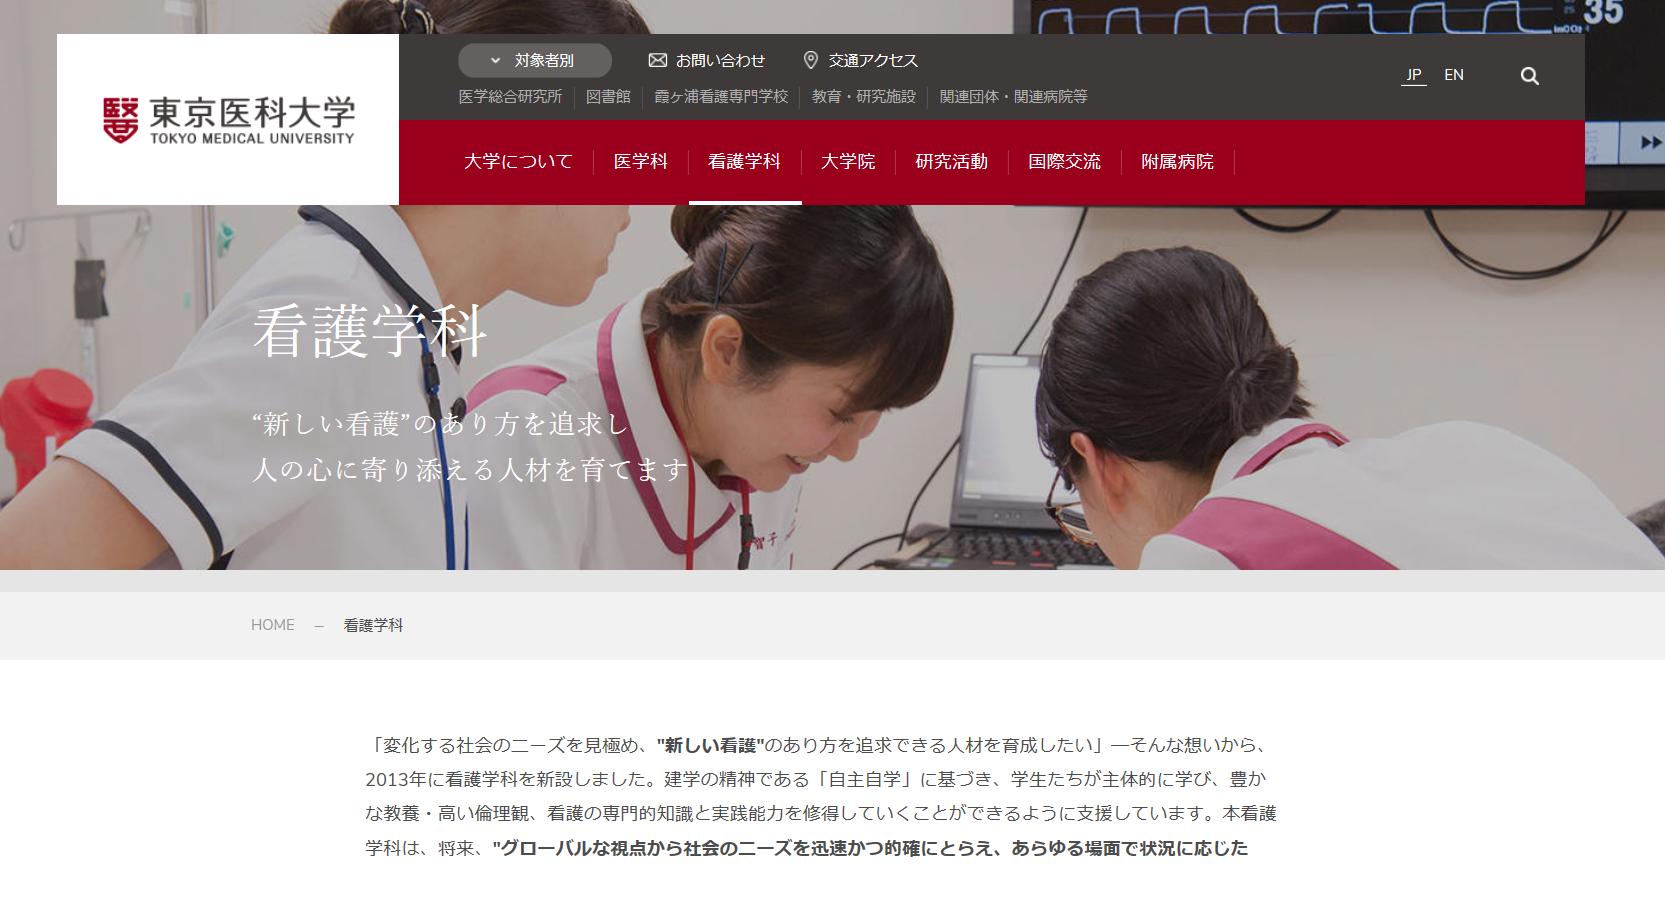 東京医科大学の評判・口コミ【医学部編】